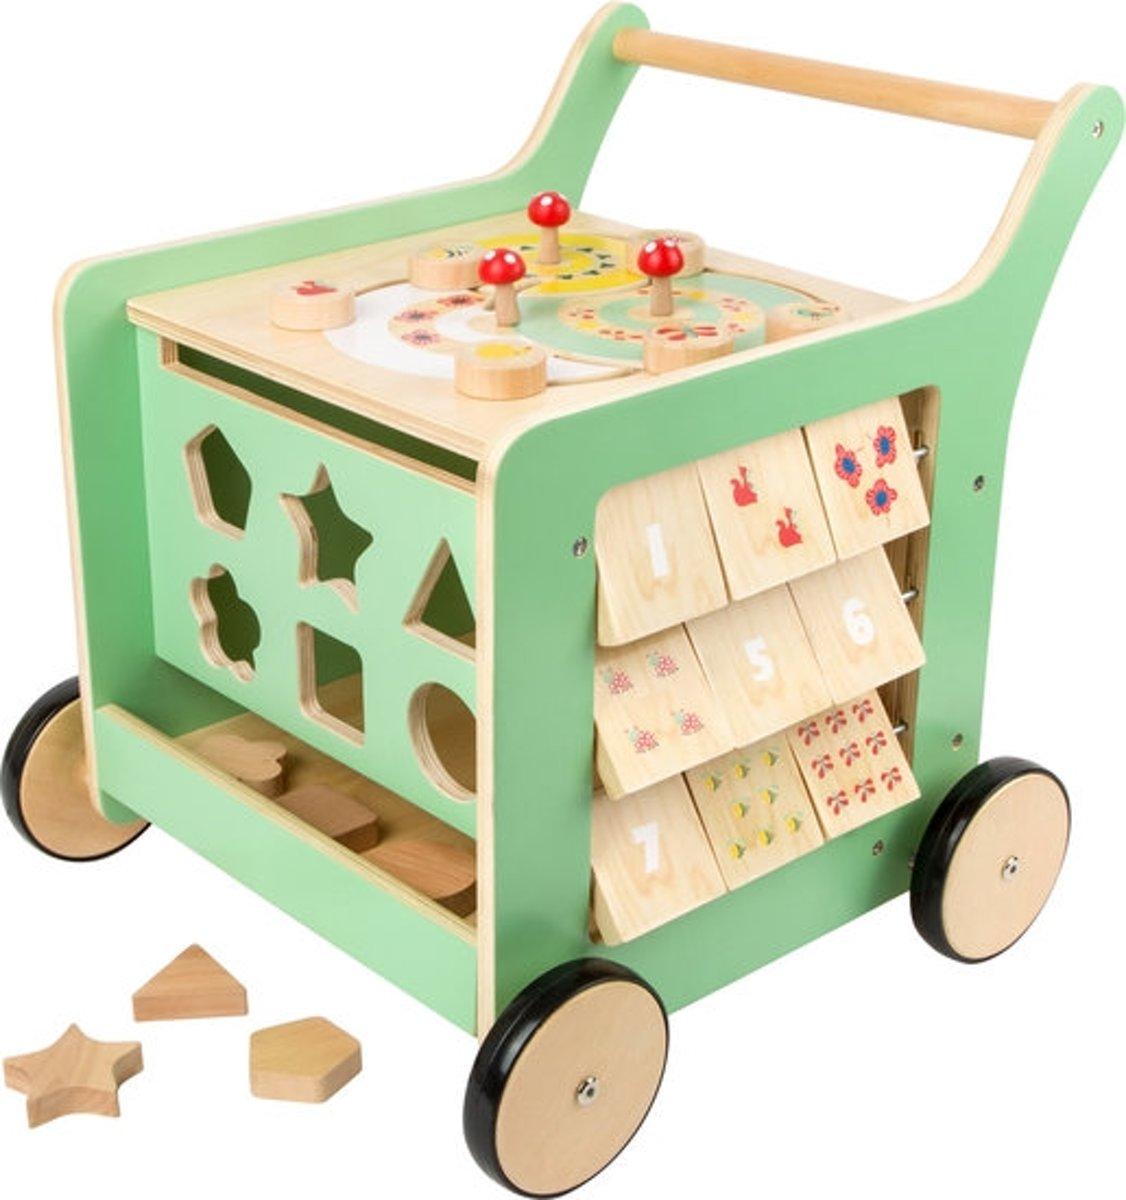 Loopwagen hout met activiteiten (baby walker) - Move it! - groen - Houten speelgoed vanaf 1 jaar - FSC®